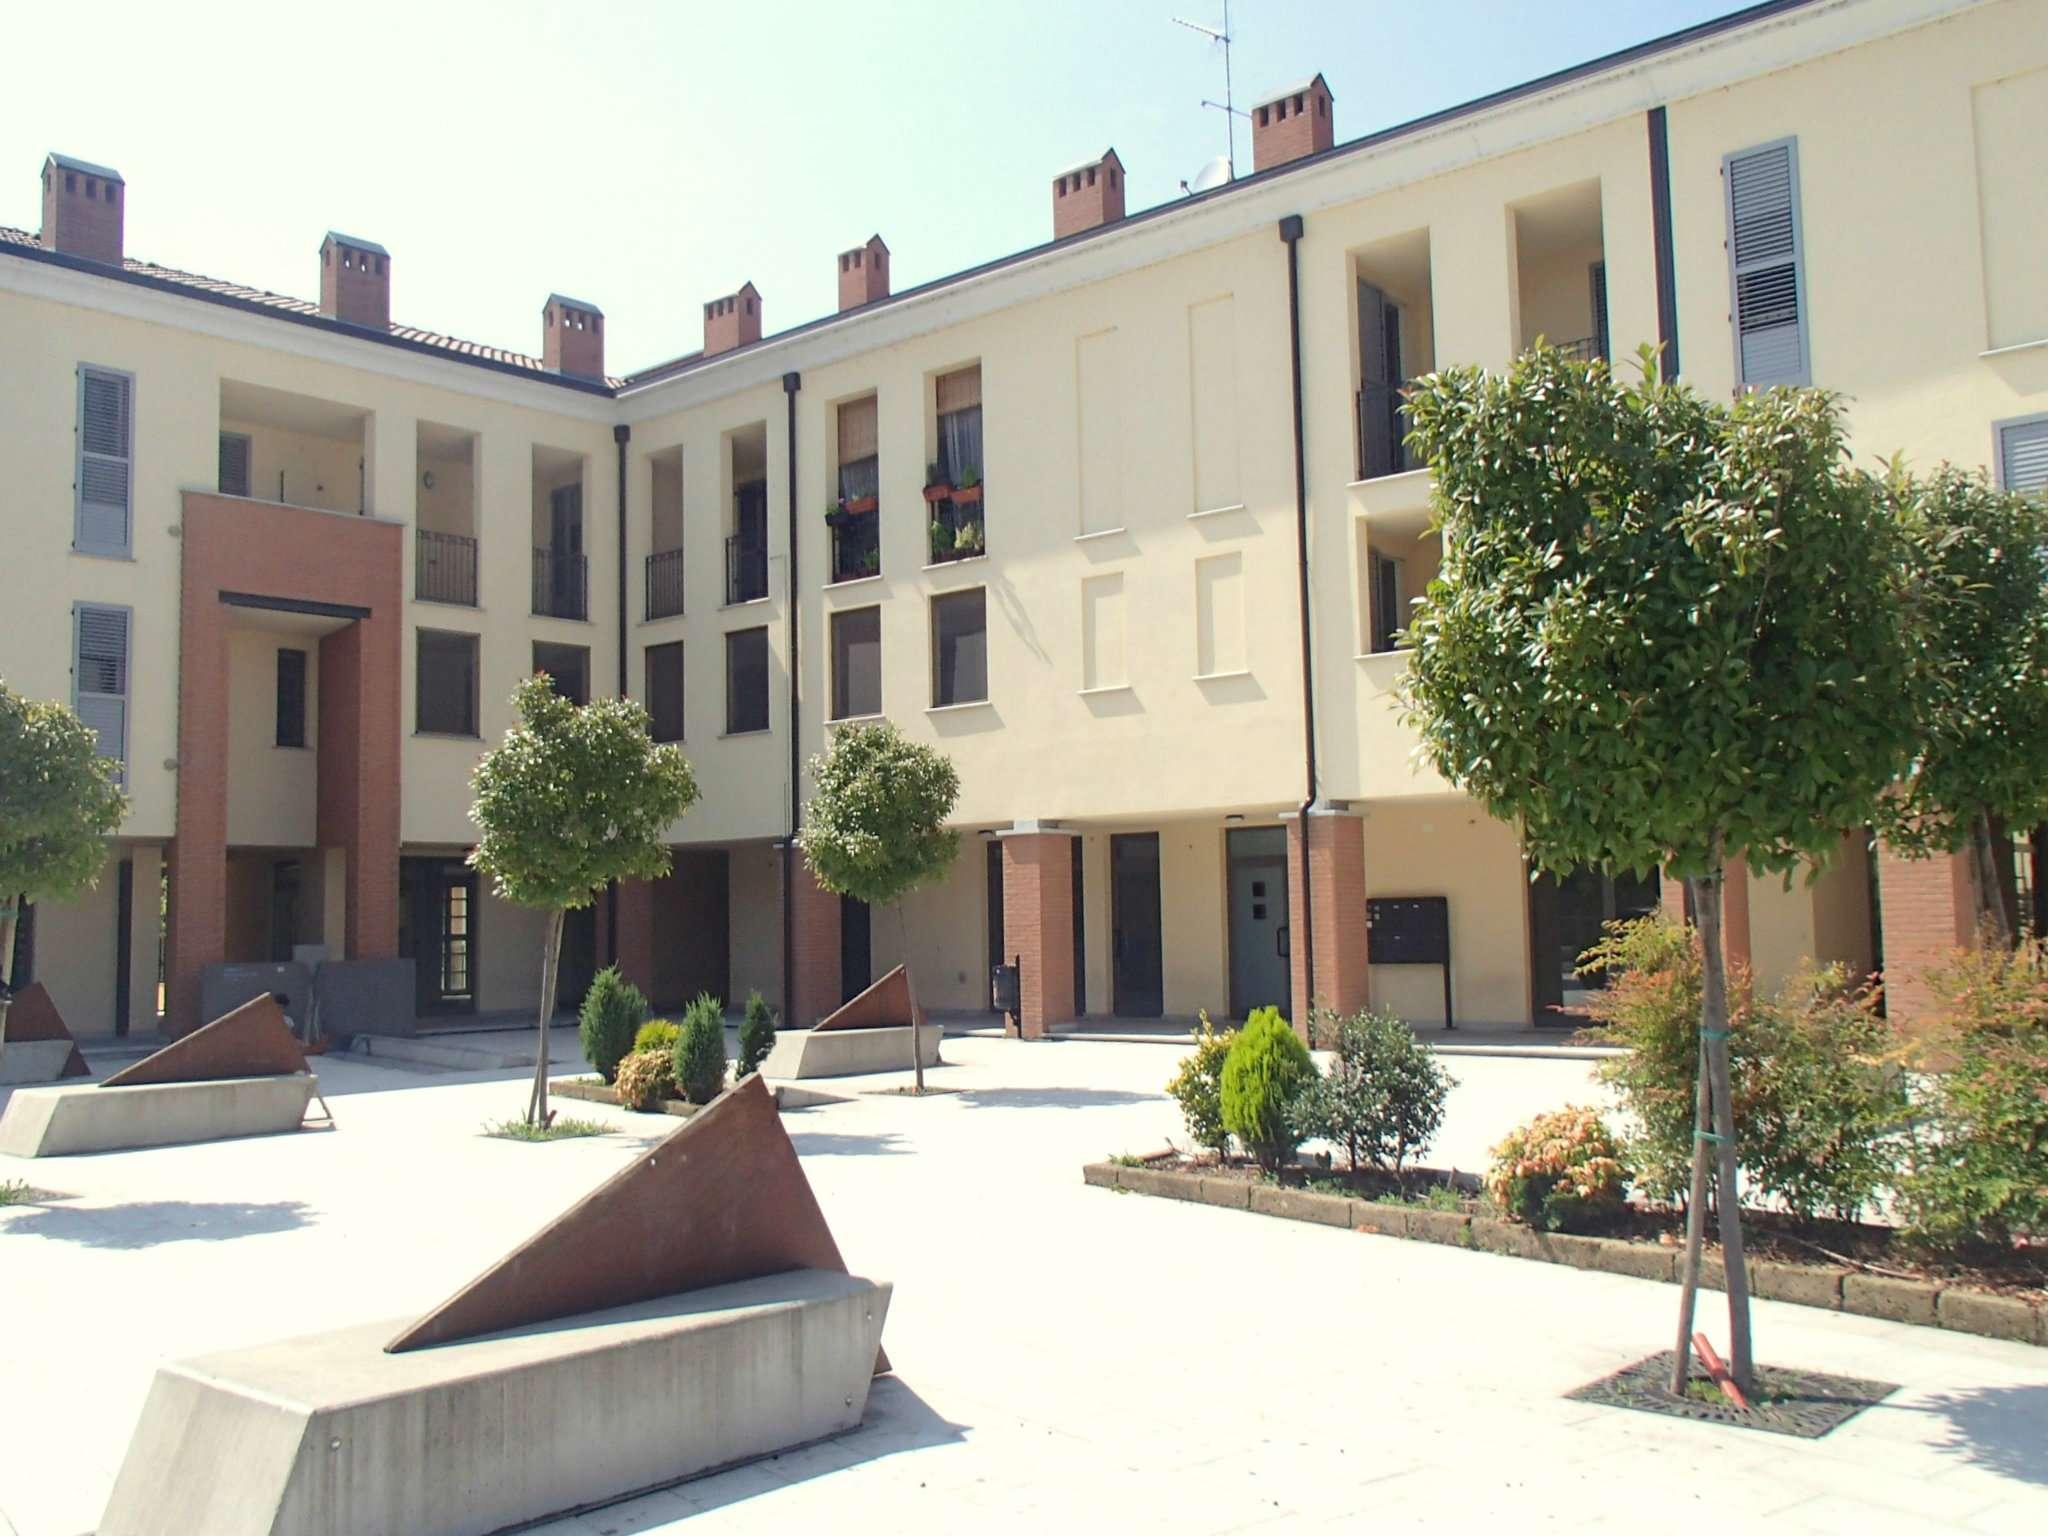 Appartamento in vendita a Torrevecchia Pia, 2 locali, prezzo € 80.000 | CambioCasa.it